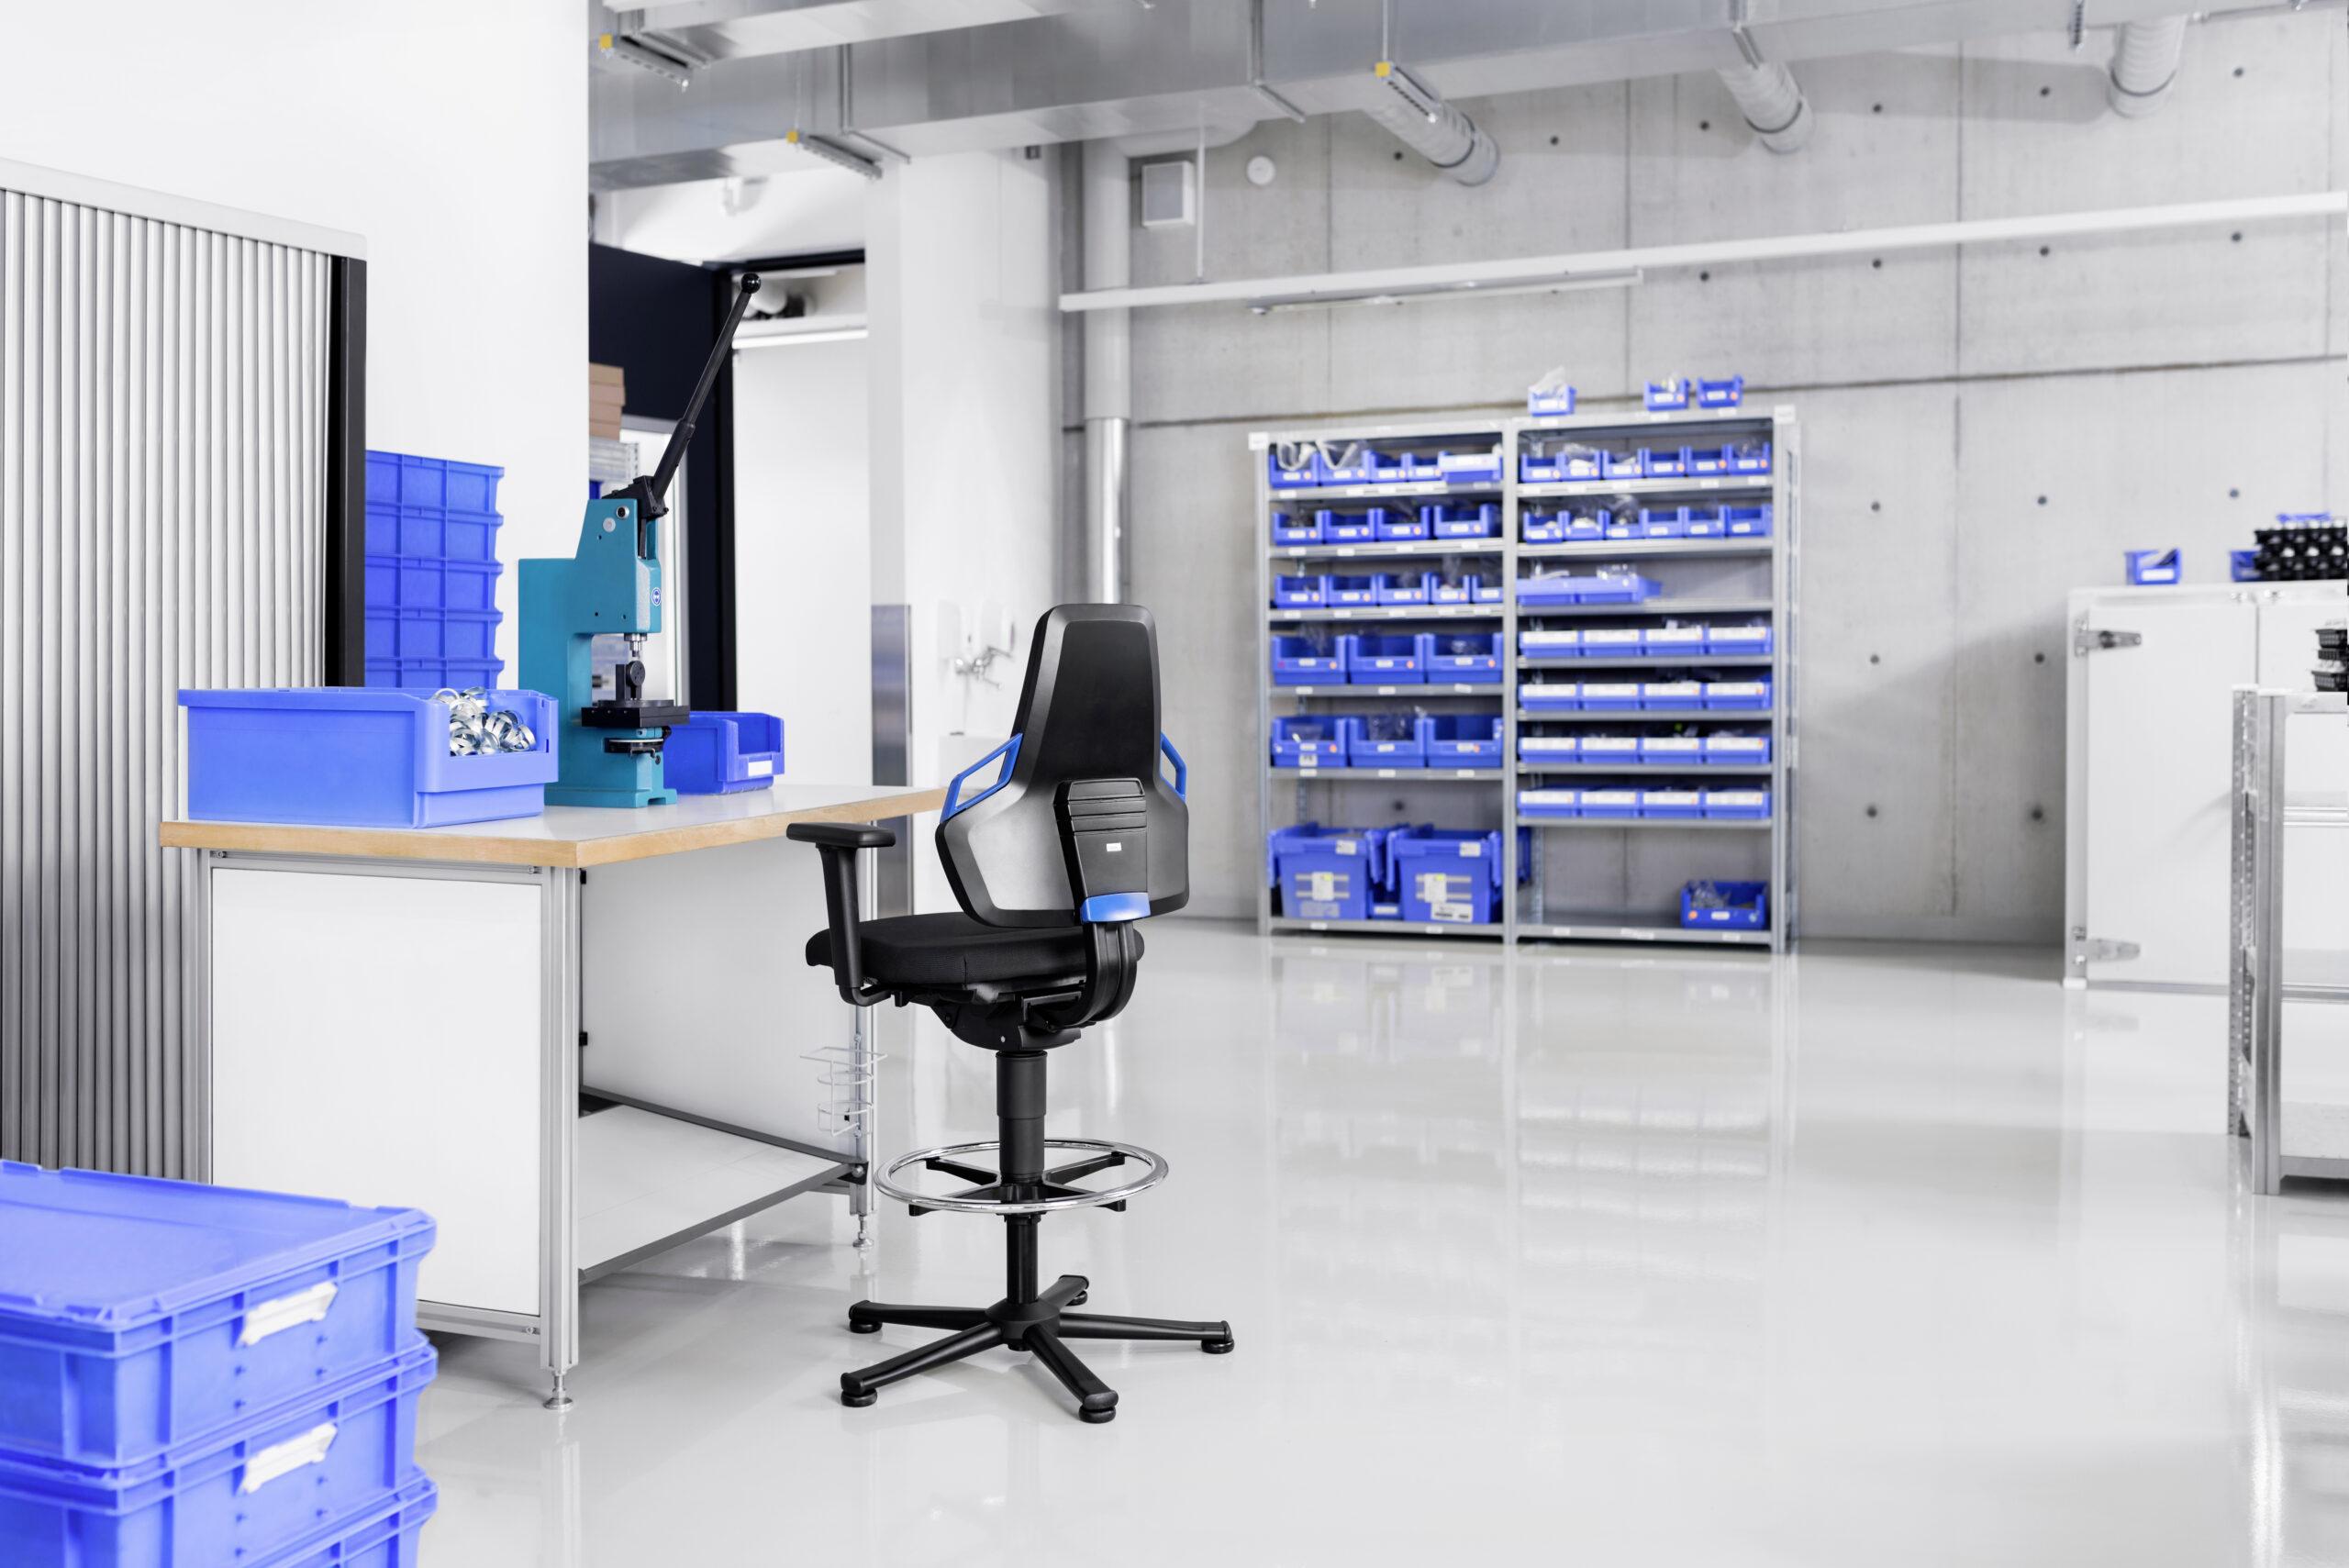 Bimos Arbeitsstuhl Nexxit Produktion Industrie